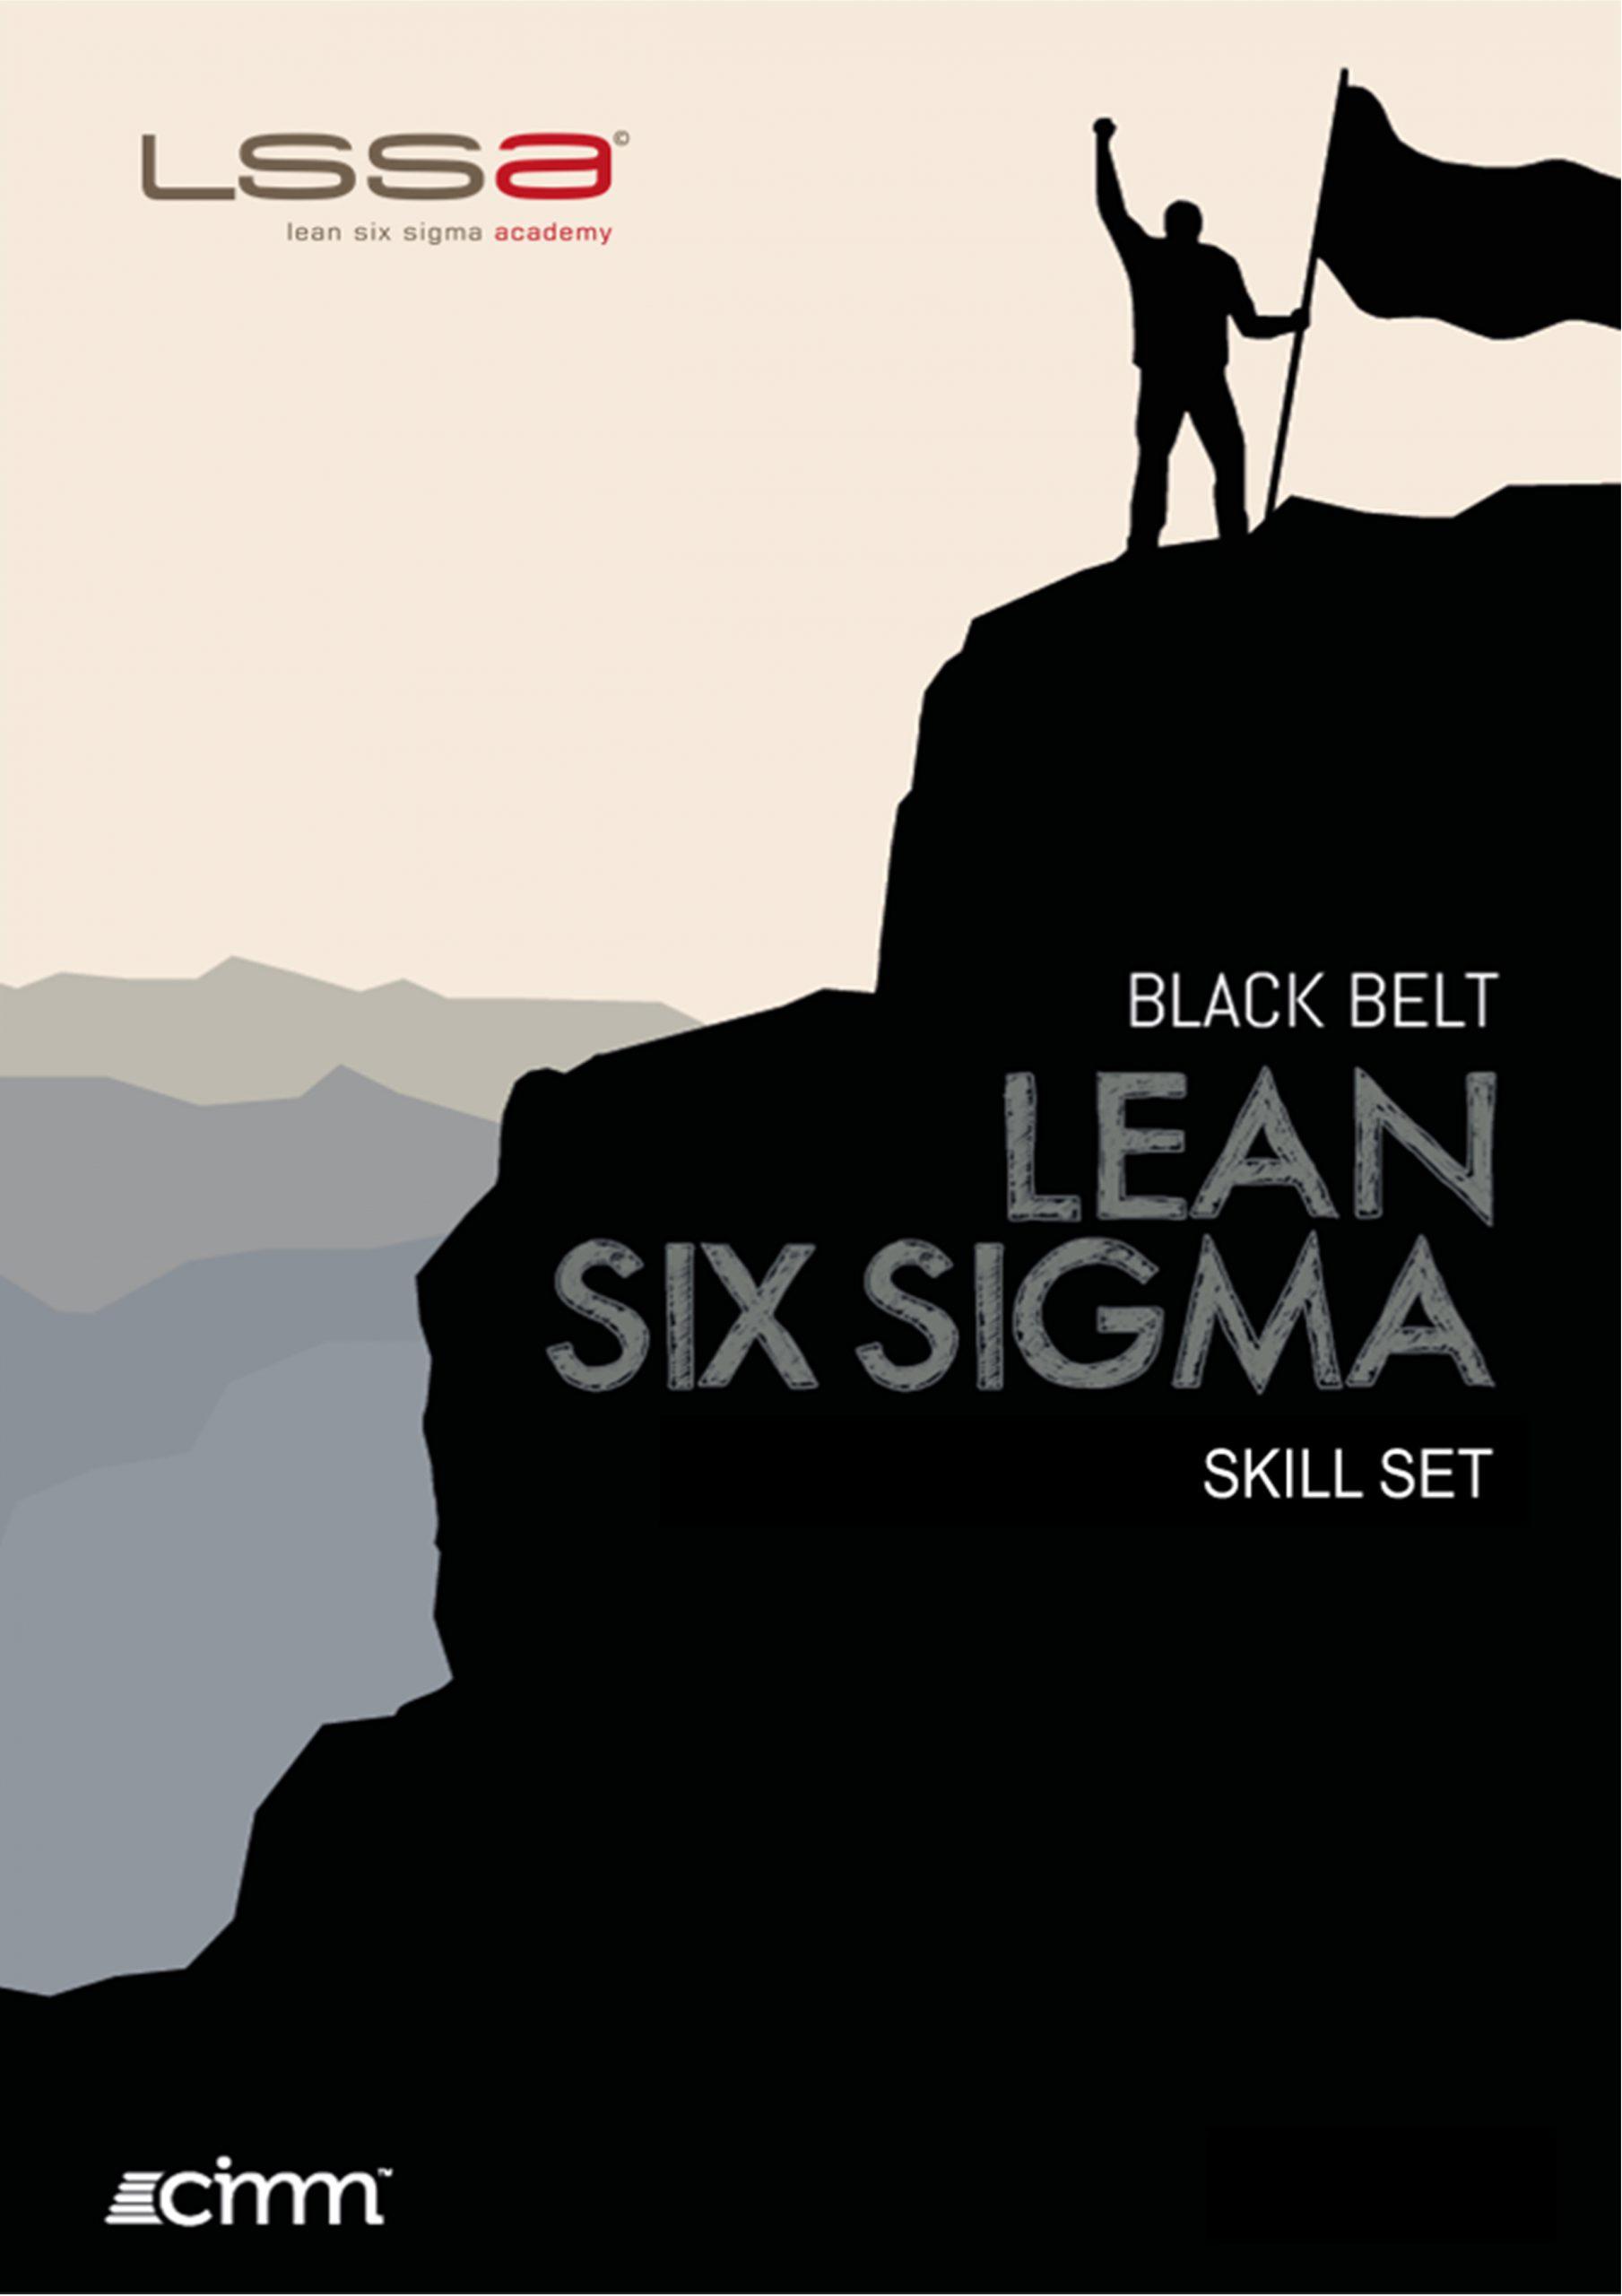 Lean Six Sigma Black Belt skill set